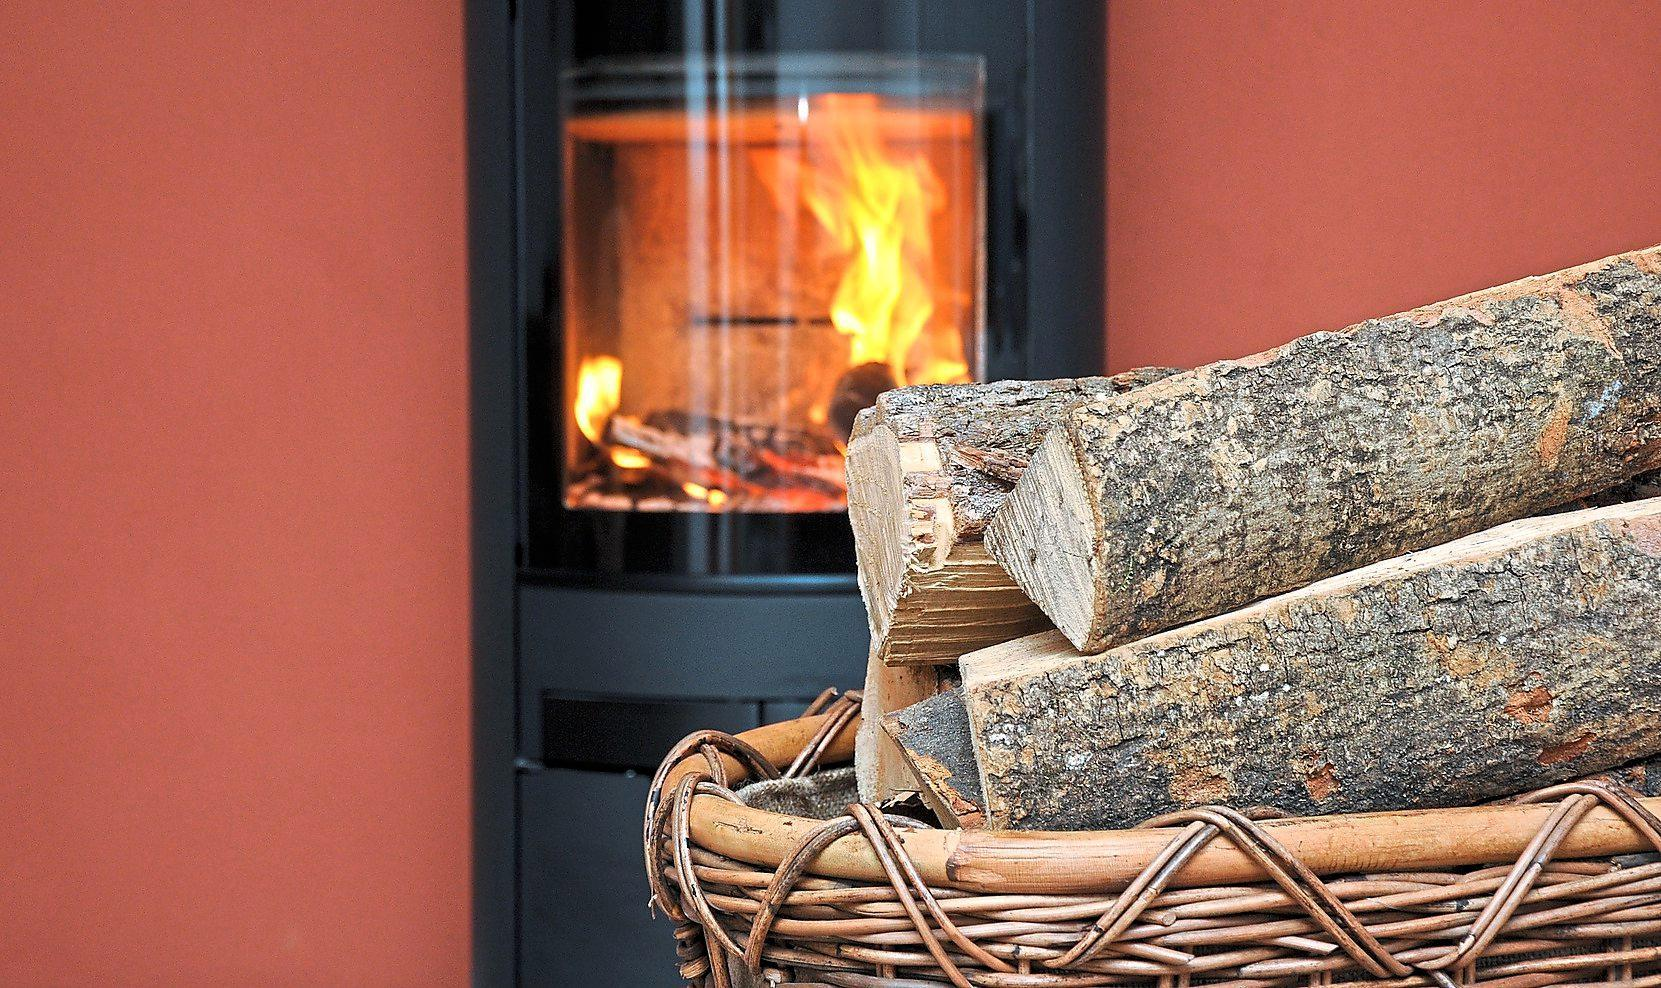 Effizientes Heizen gelingt, wenn das richtige Holz verwendet wird und Kaminofenbesitzer Acht auf die Luftzufuhr geben. Foto: ENA